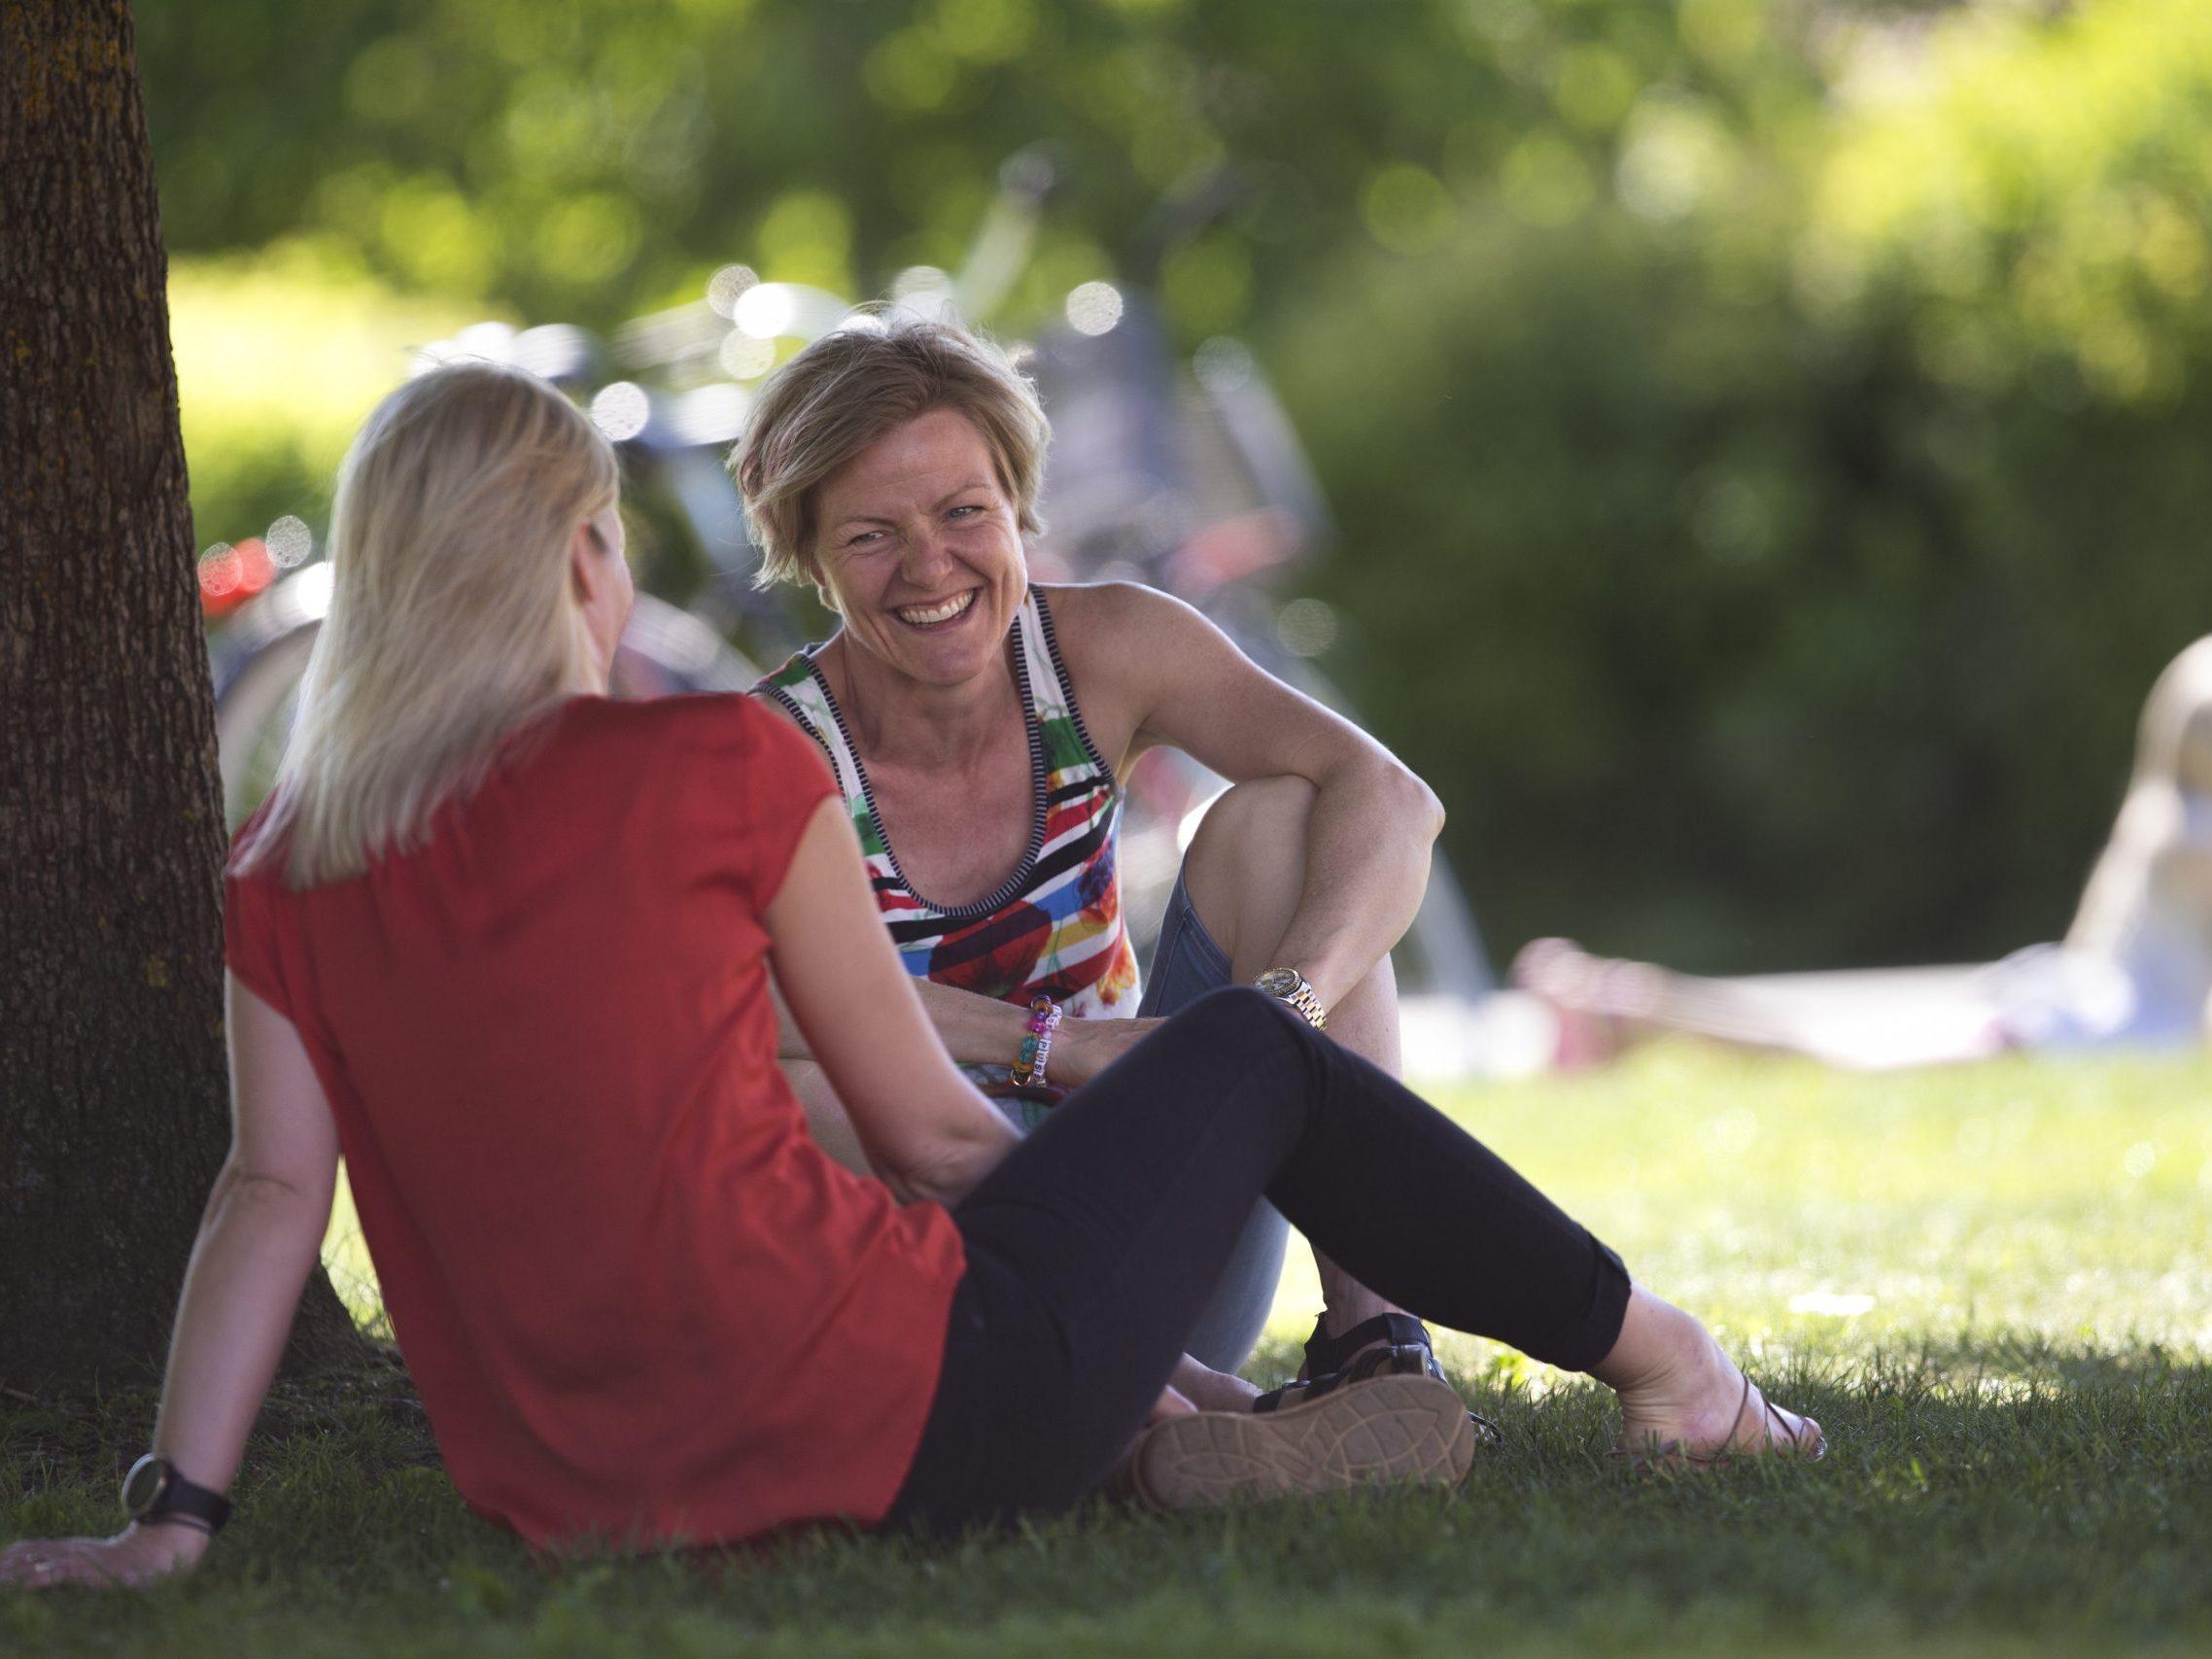 rumänska kvinnor söker män i norrtälje sexträffar dagtid i nyköping